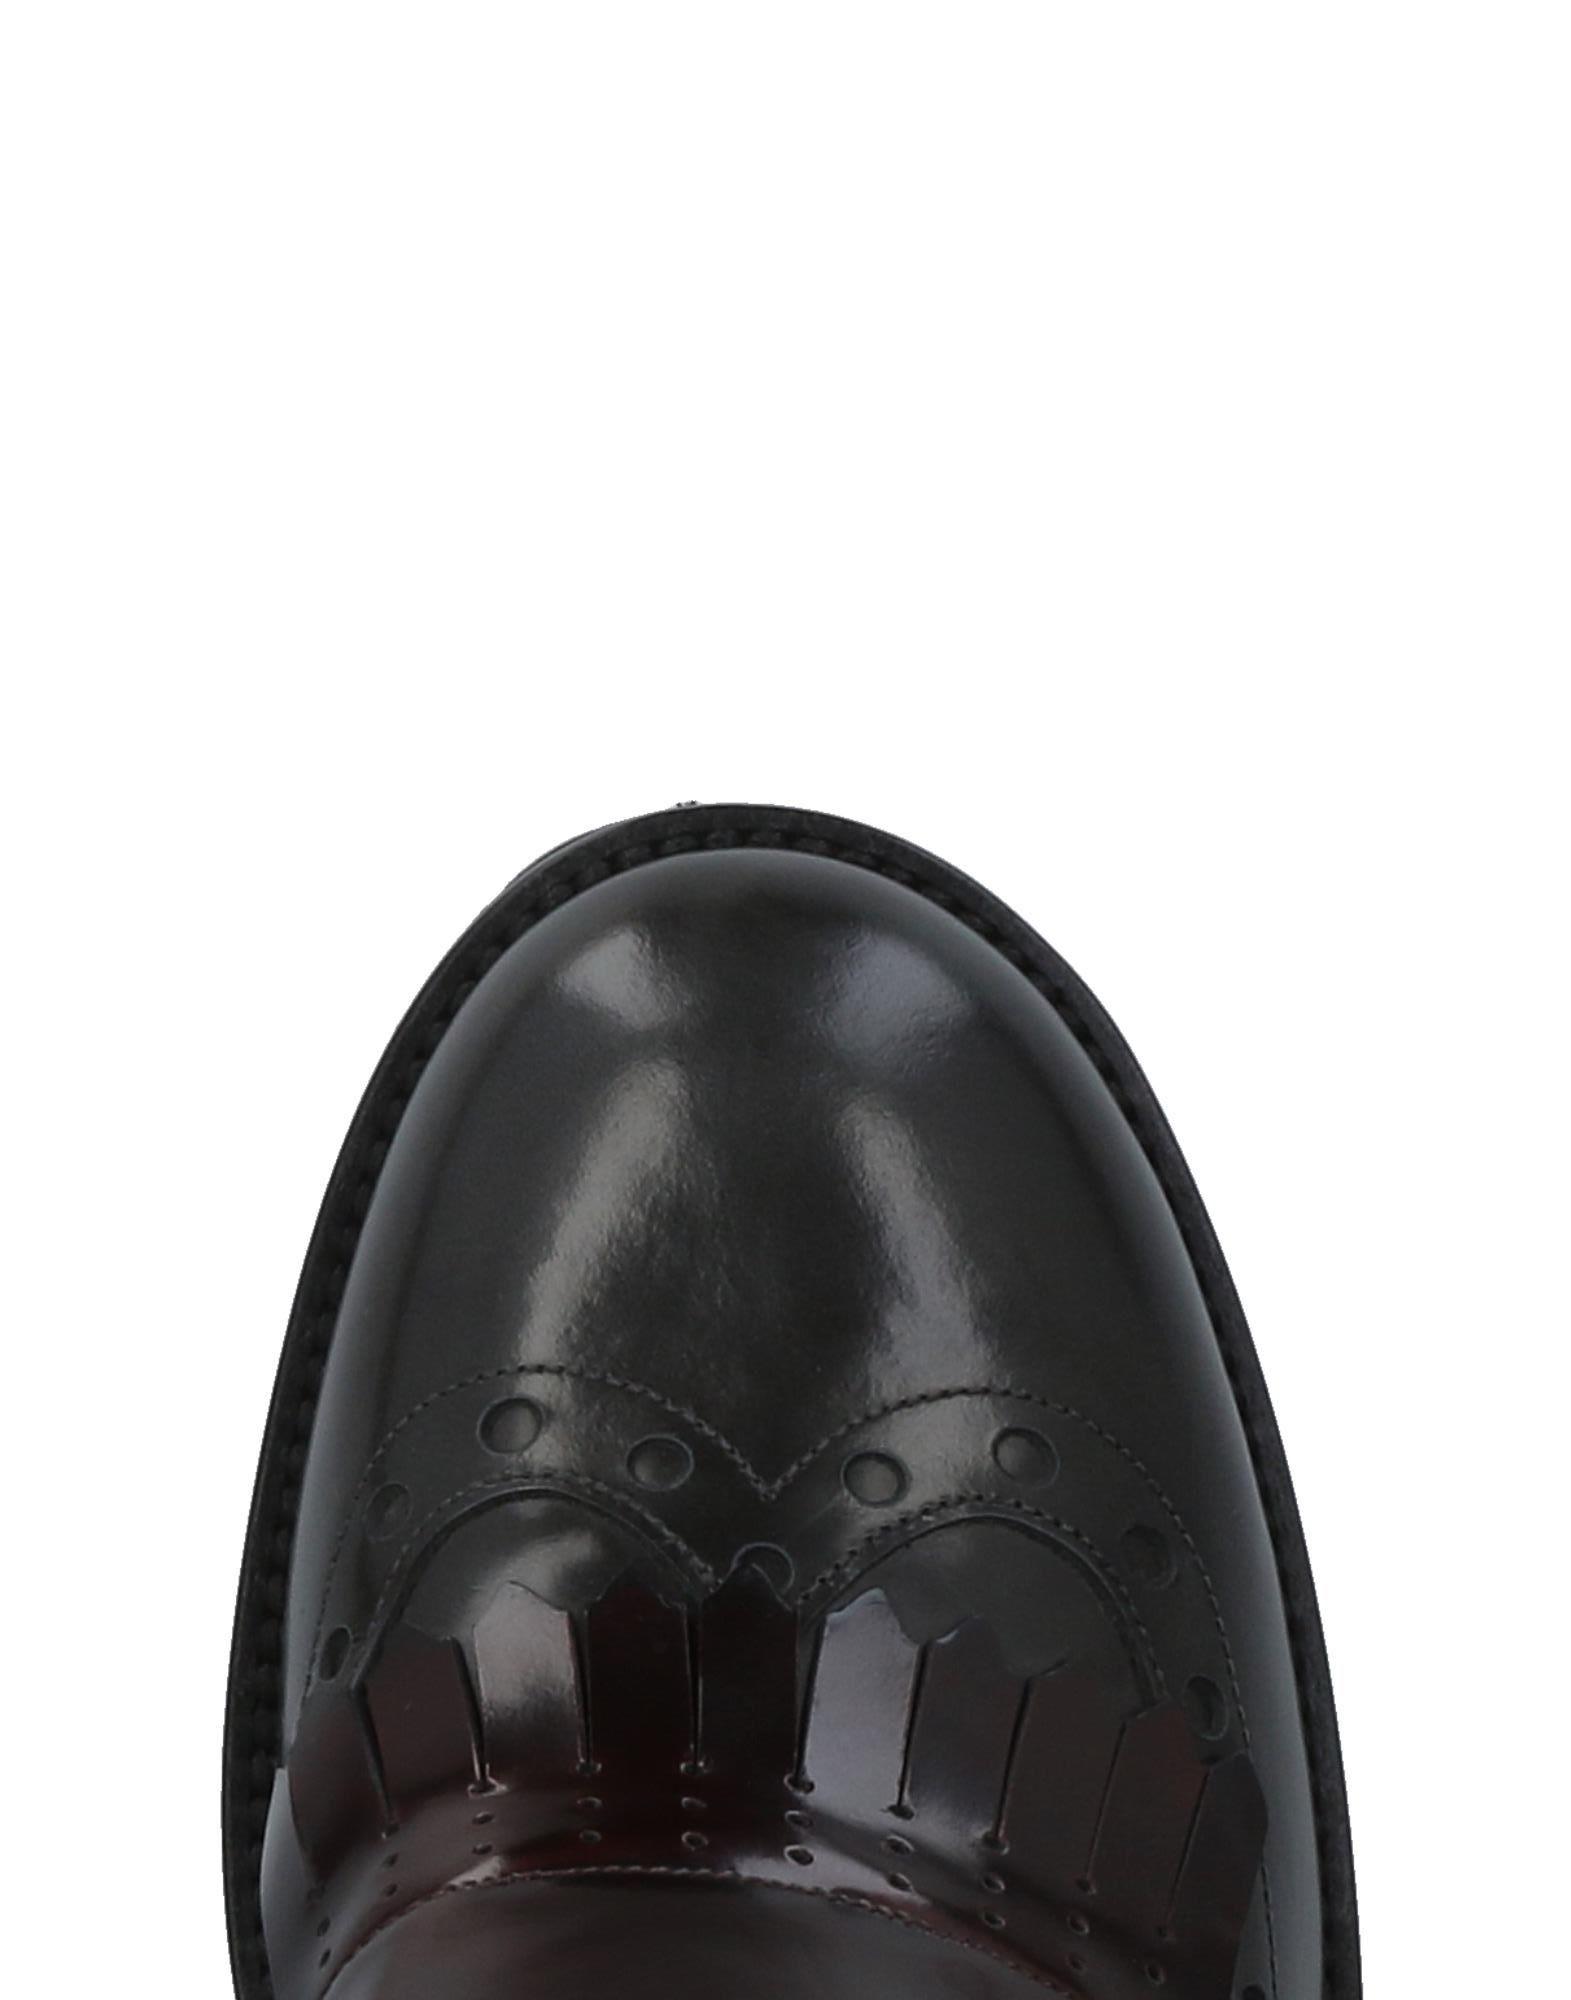 Guglielmo Rotta Qualität Mokassins Damen 11487876HG Gute Qualität Rotta beliebte Schuhe 31ffab